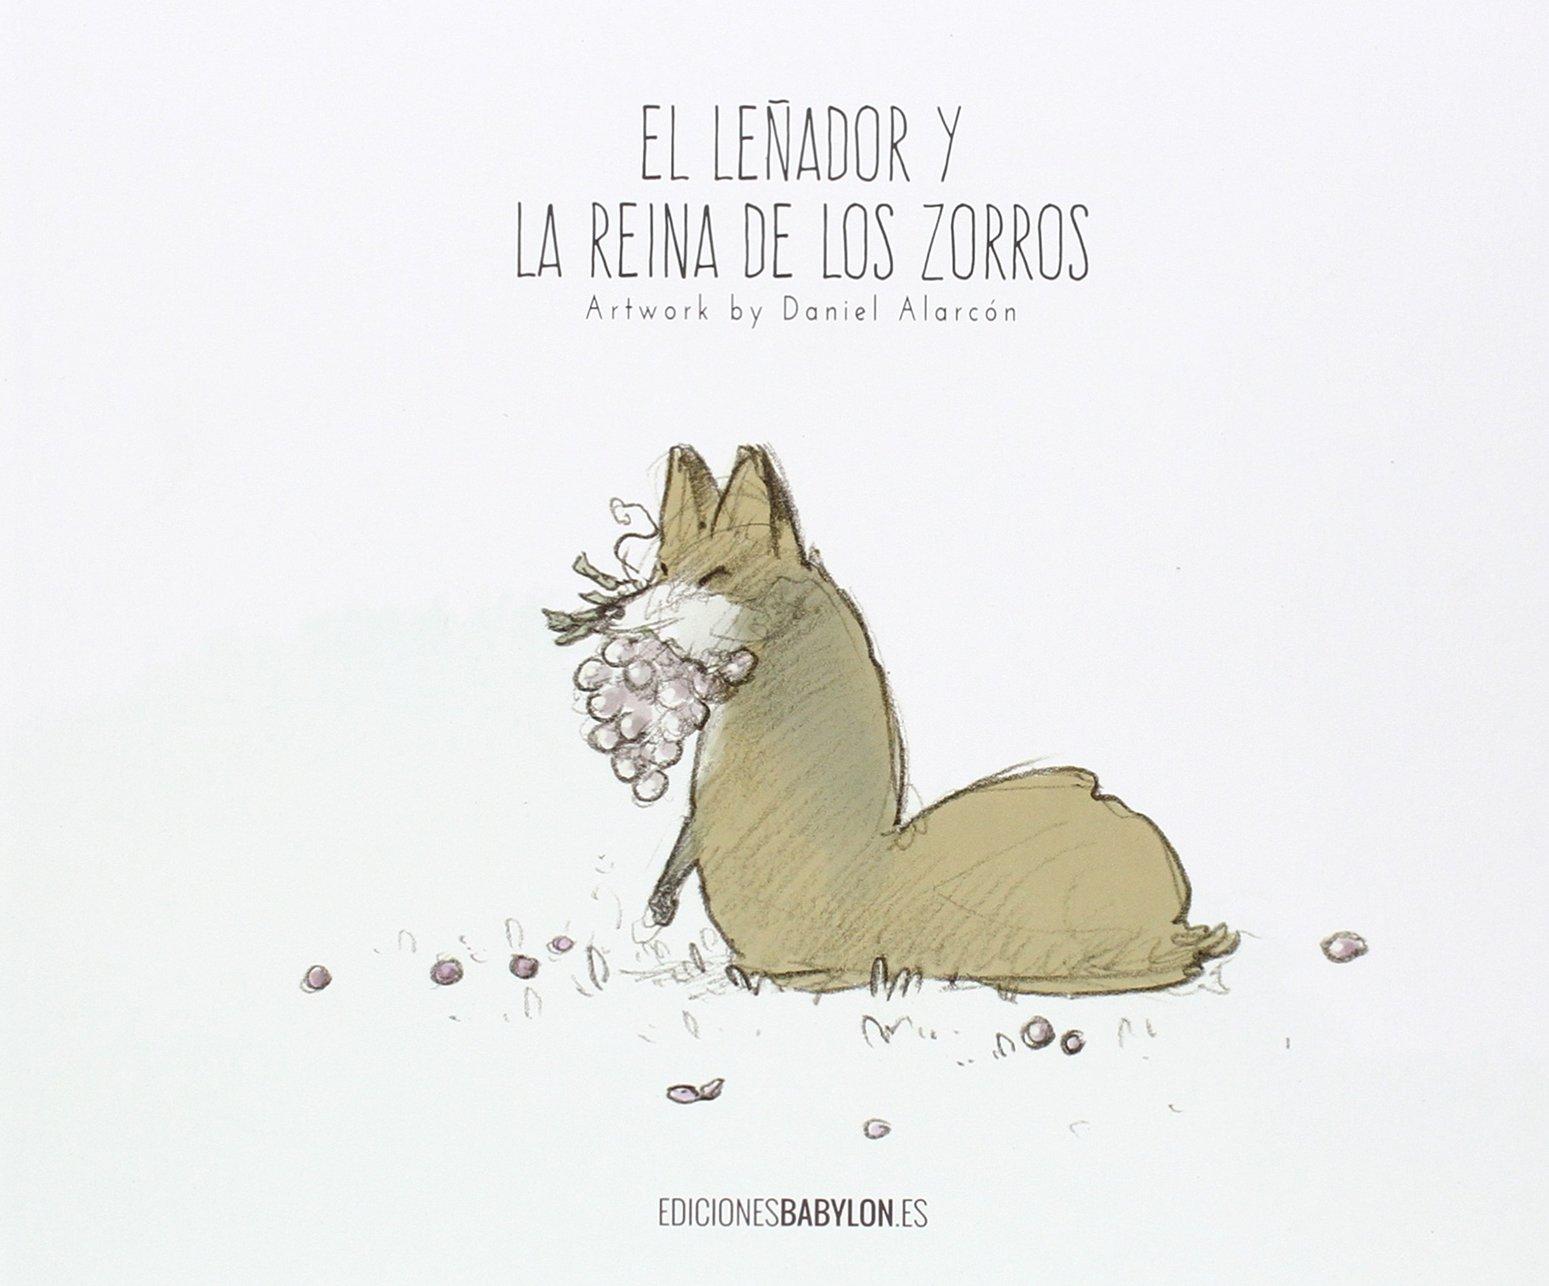 EL LEÑADOR Y LA REINA DE LOS ZORROS